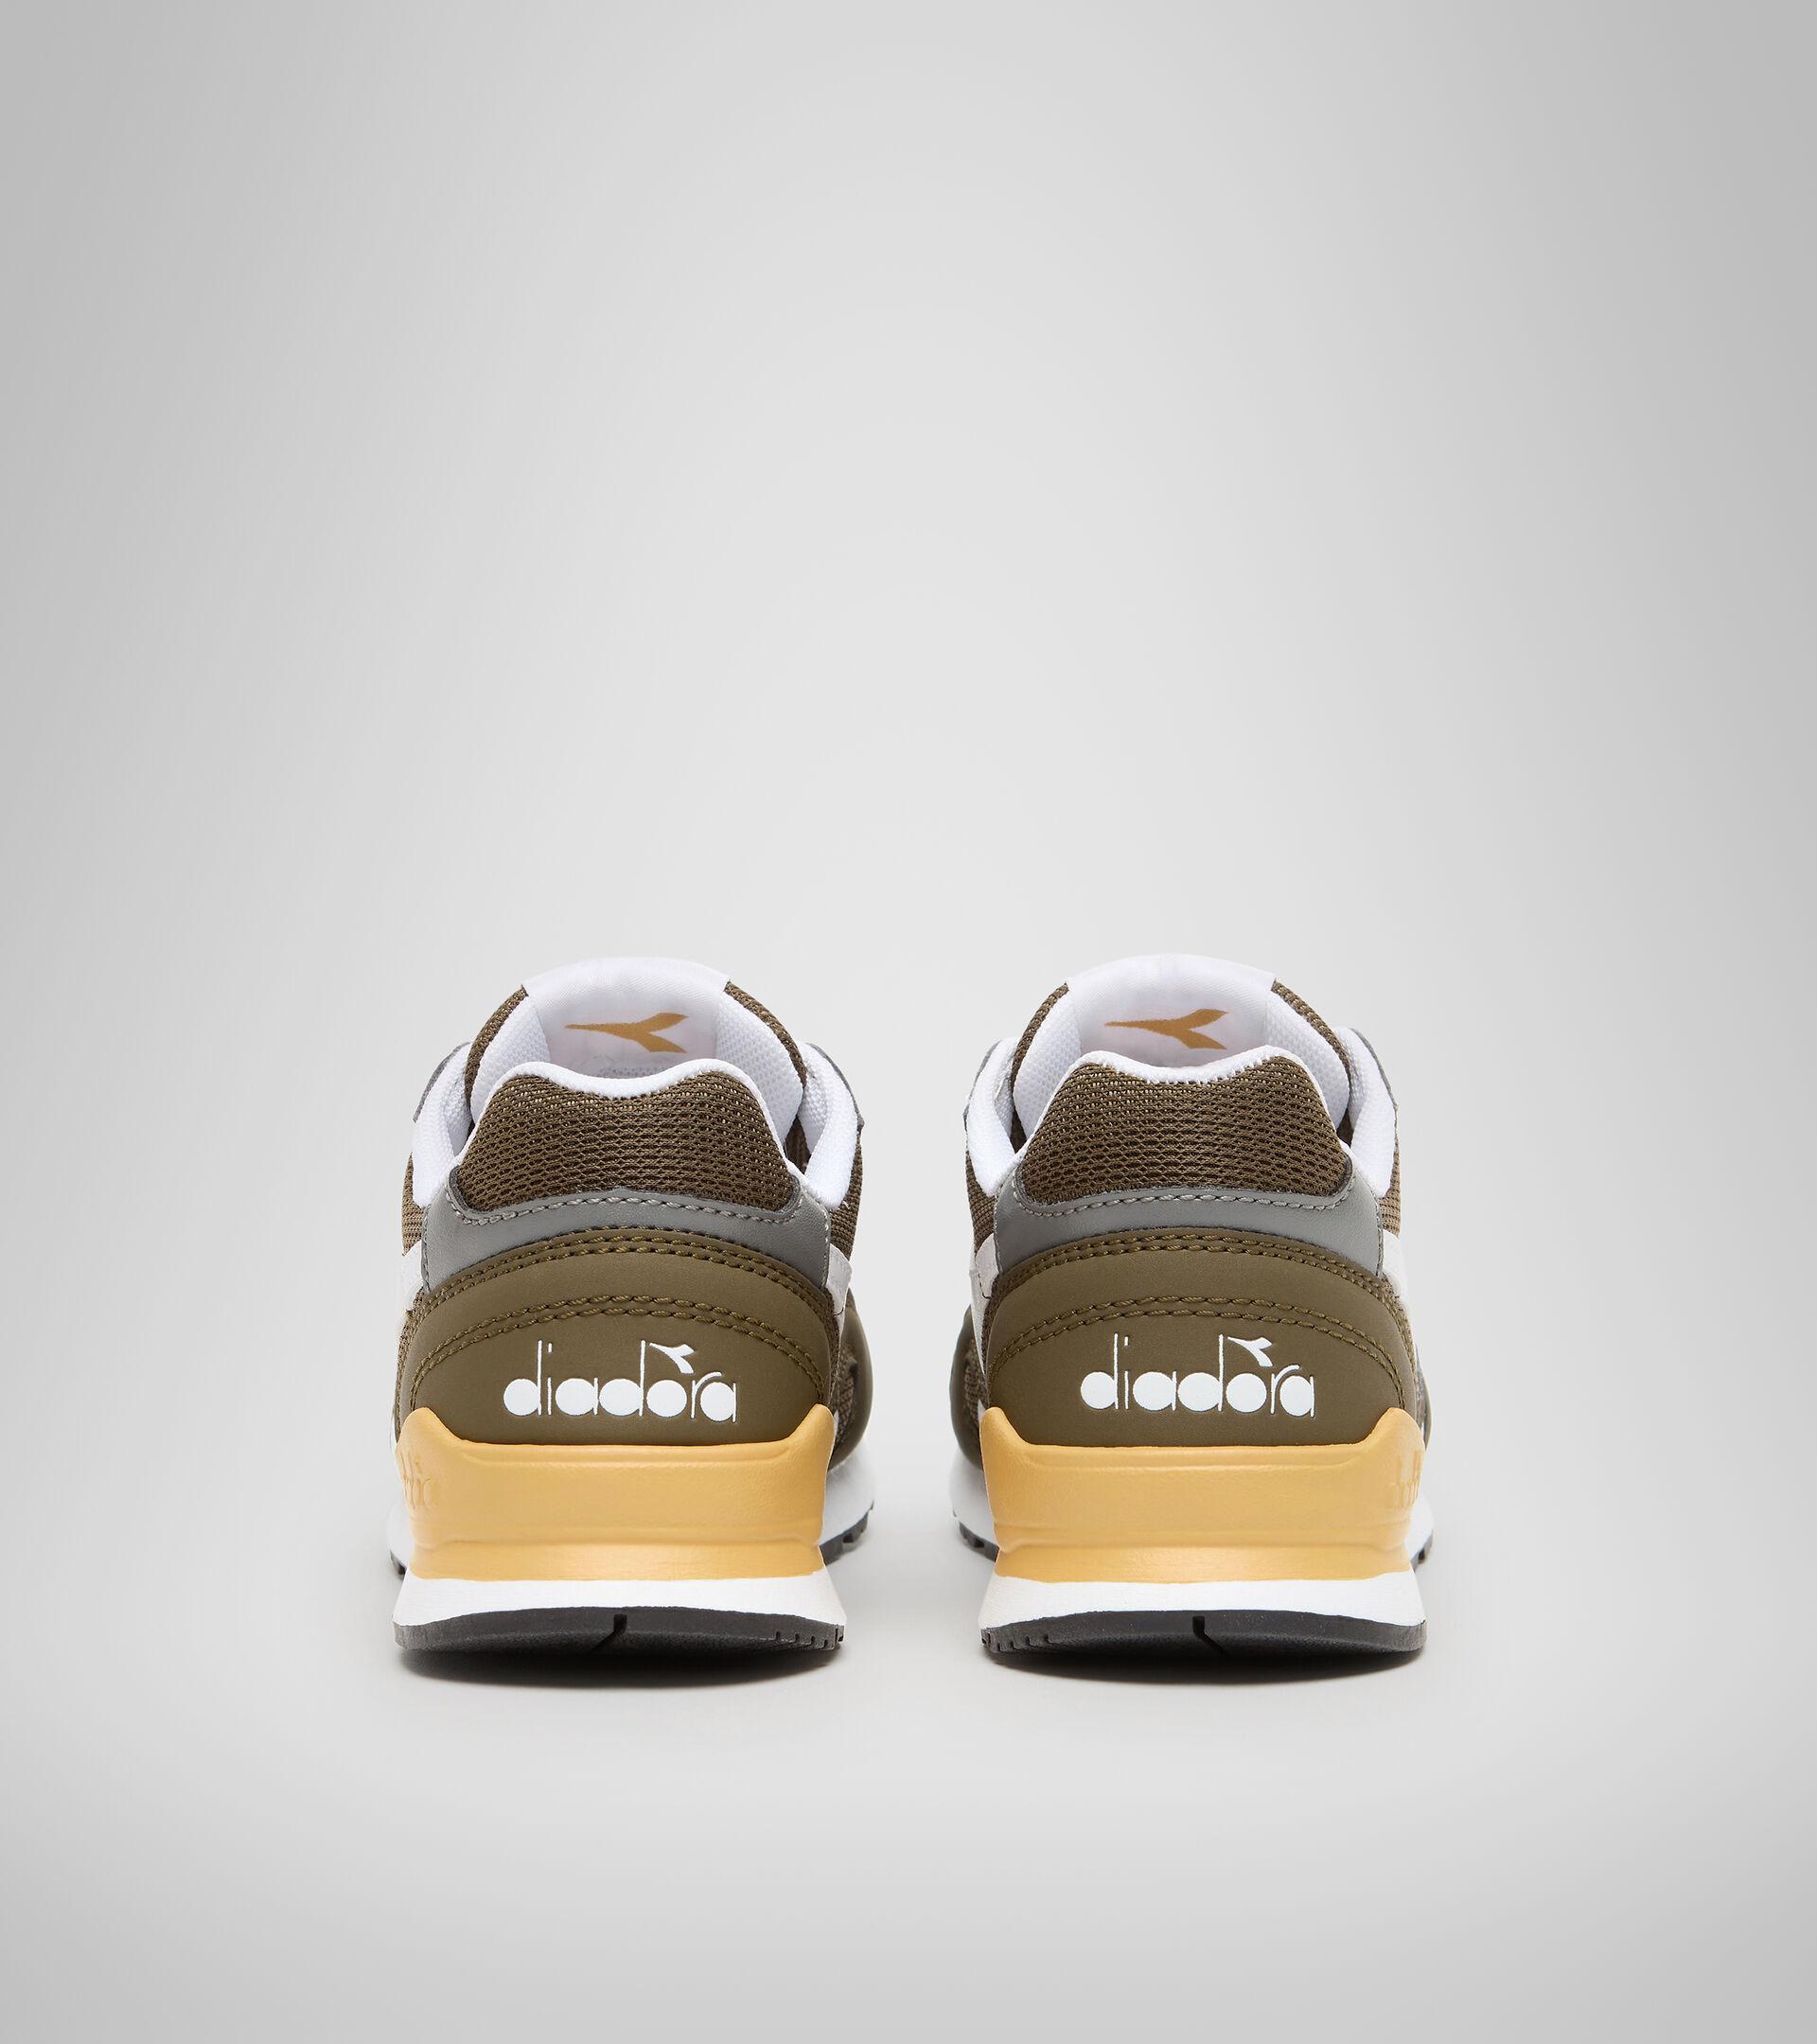 Chaussures de sport - Enfants 4-8 ans N.92 PS OLIVE FONCE - Diadora